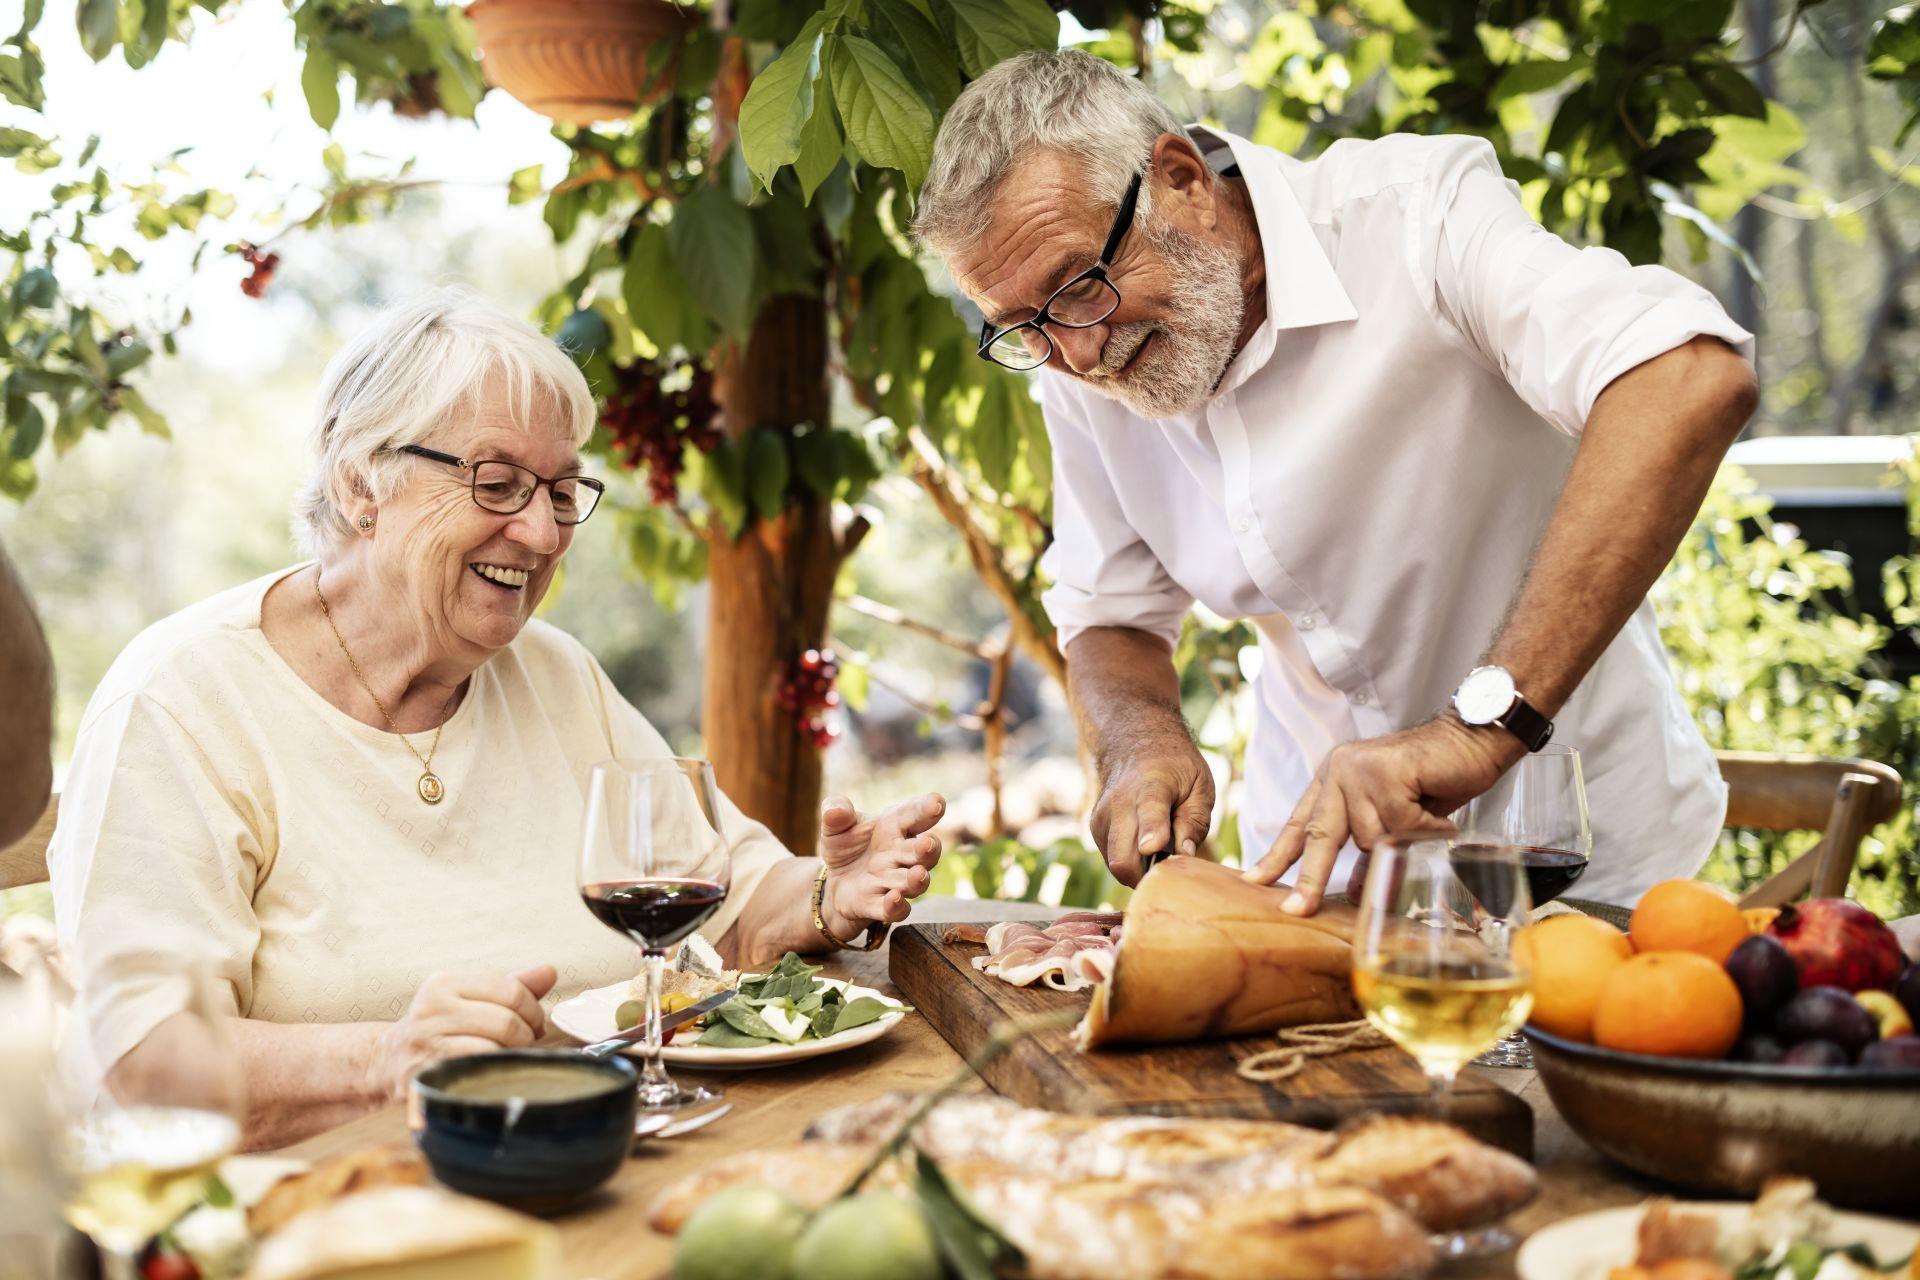 Aktywność fizyczną połącz ze zbilansowaną dietą, bogatą w tłuszcze roślinne i produkty nisko przetworzone. Jakie zasady zdrowego stylu życia powinieneś znać? Sprawdź!